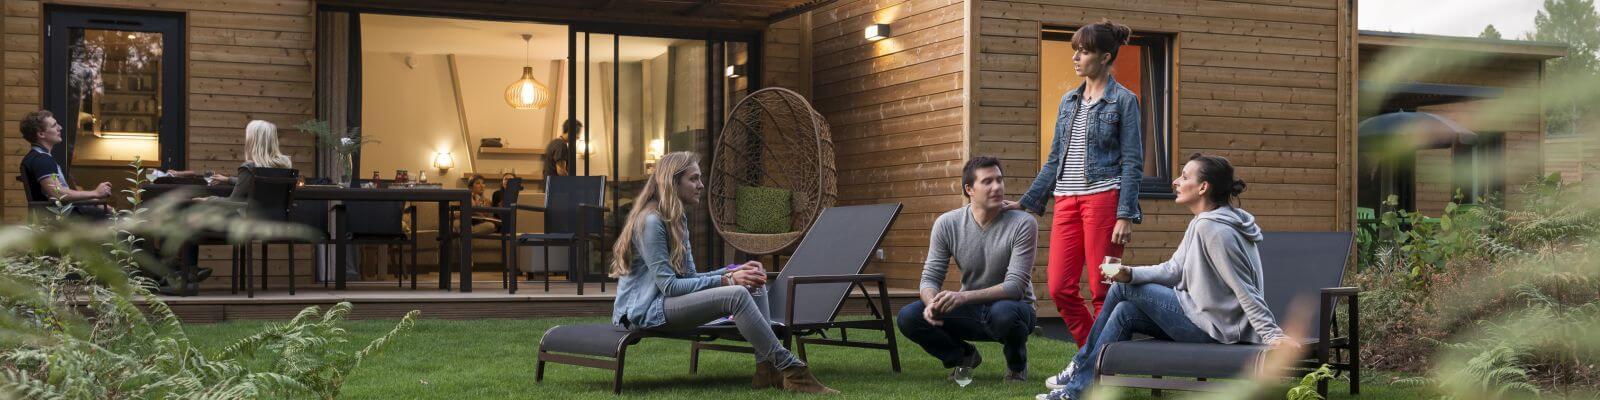 luxe bungalows Les Bois aux Daims